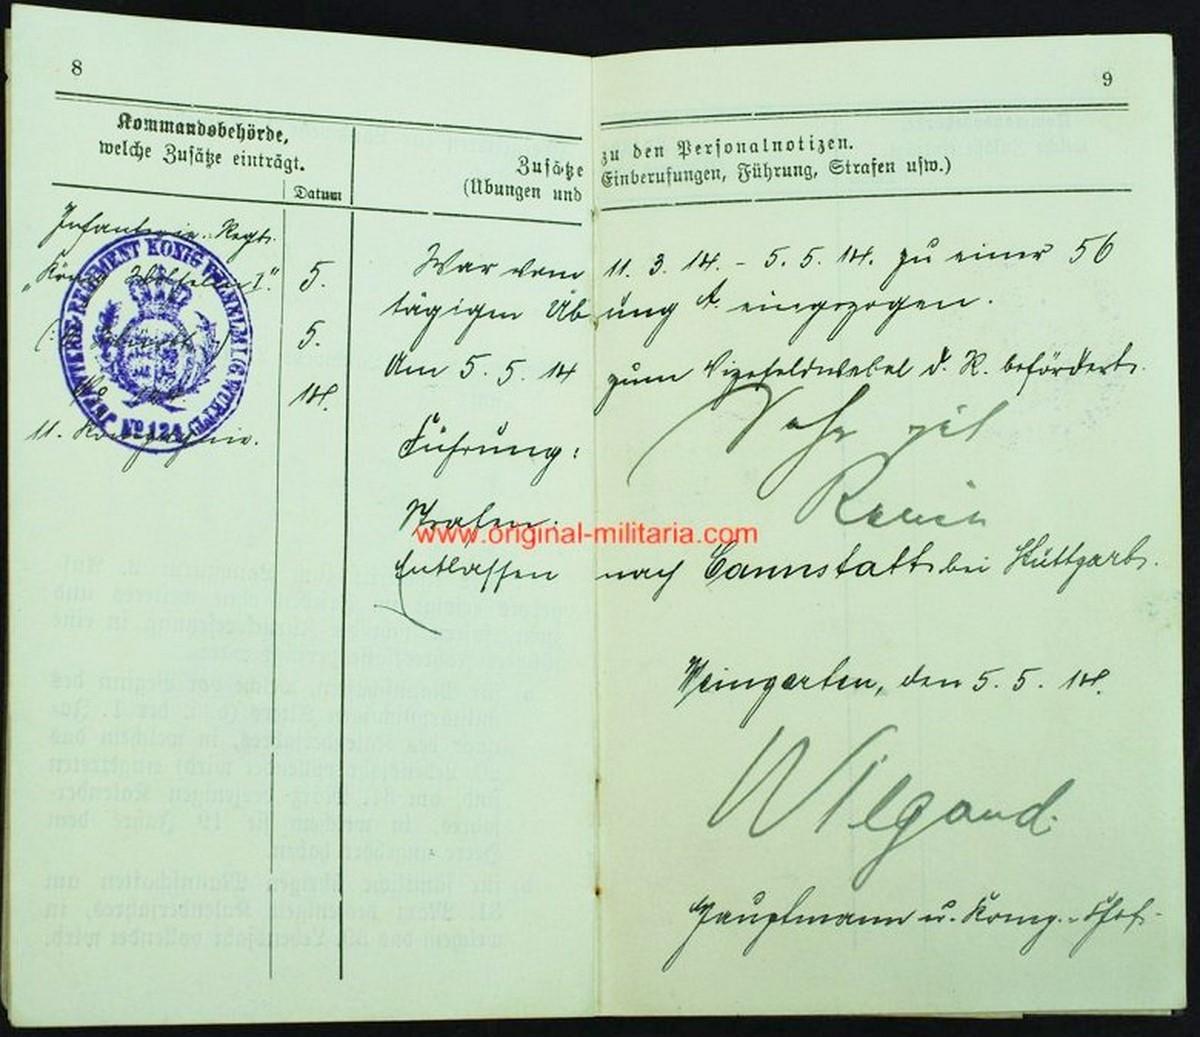 """WW1/ Carnet Militar de un Soldado de Infantería de Rgt. """"könig willem I"""""""